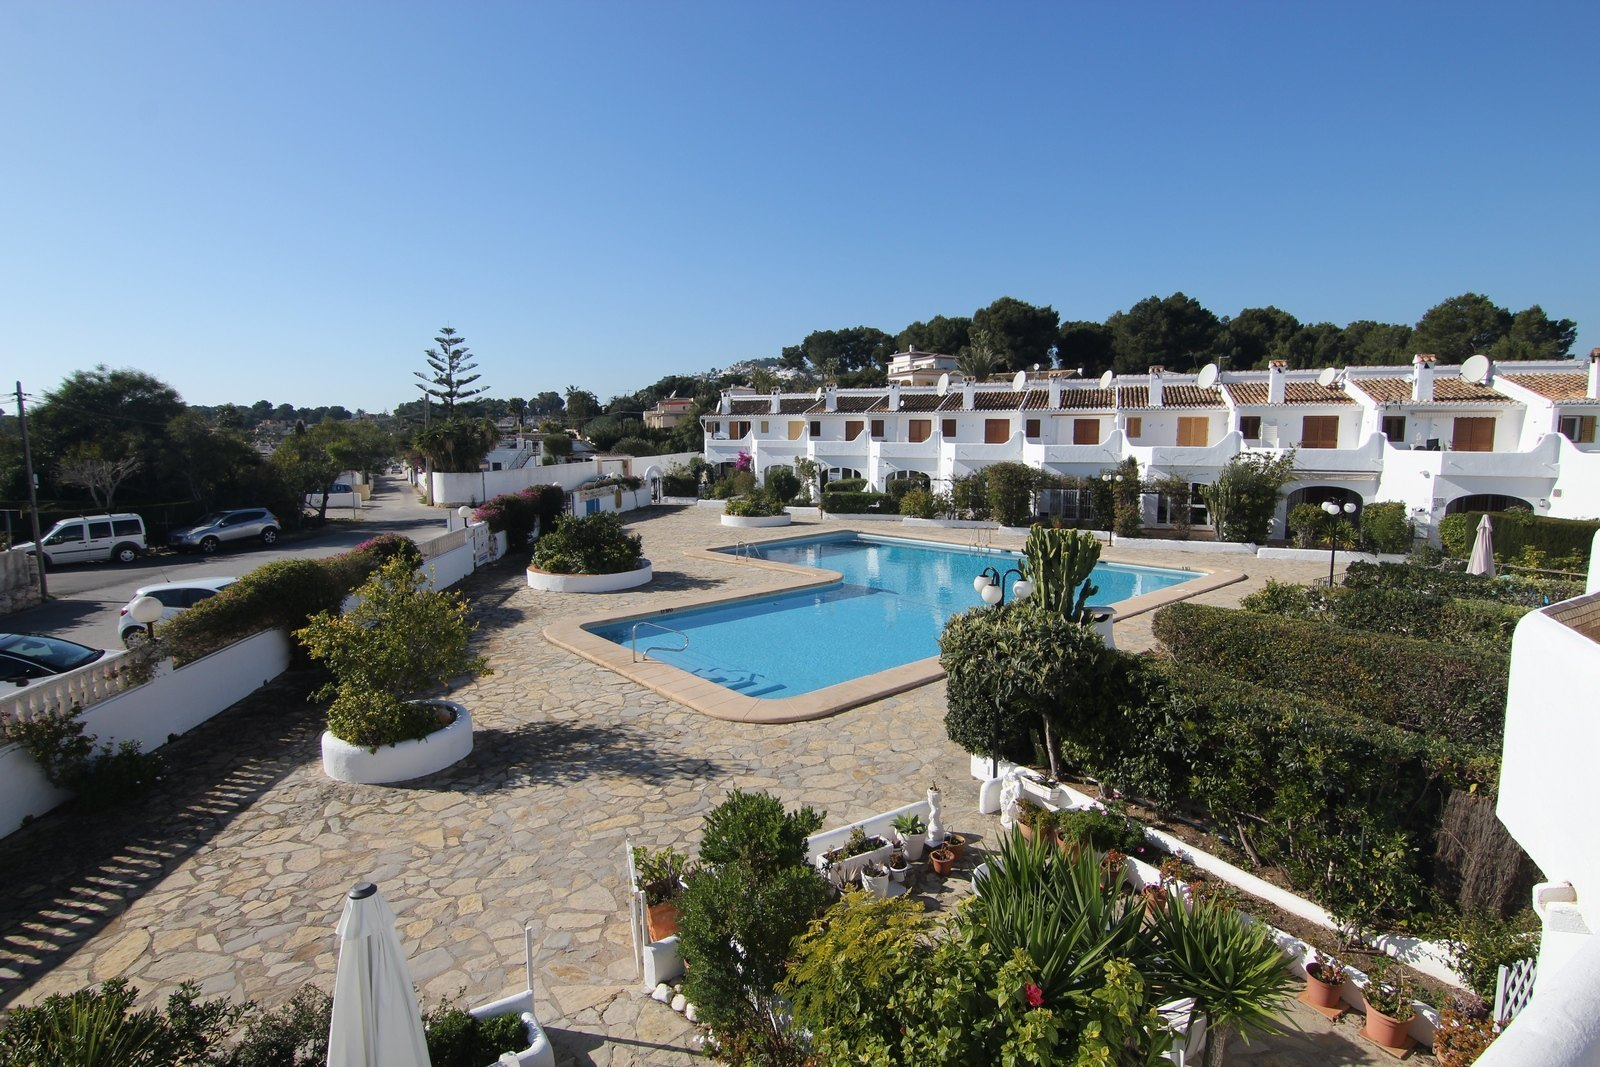 Adosado con piscina a la venta en Moraira.